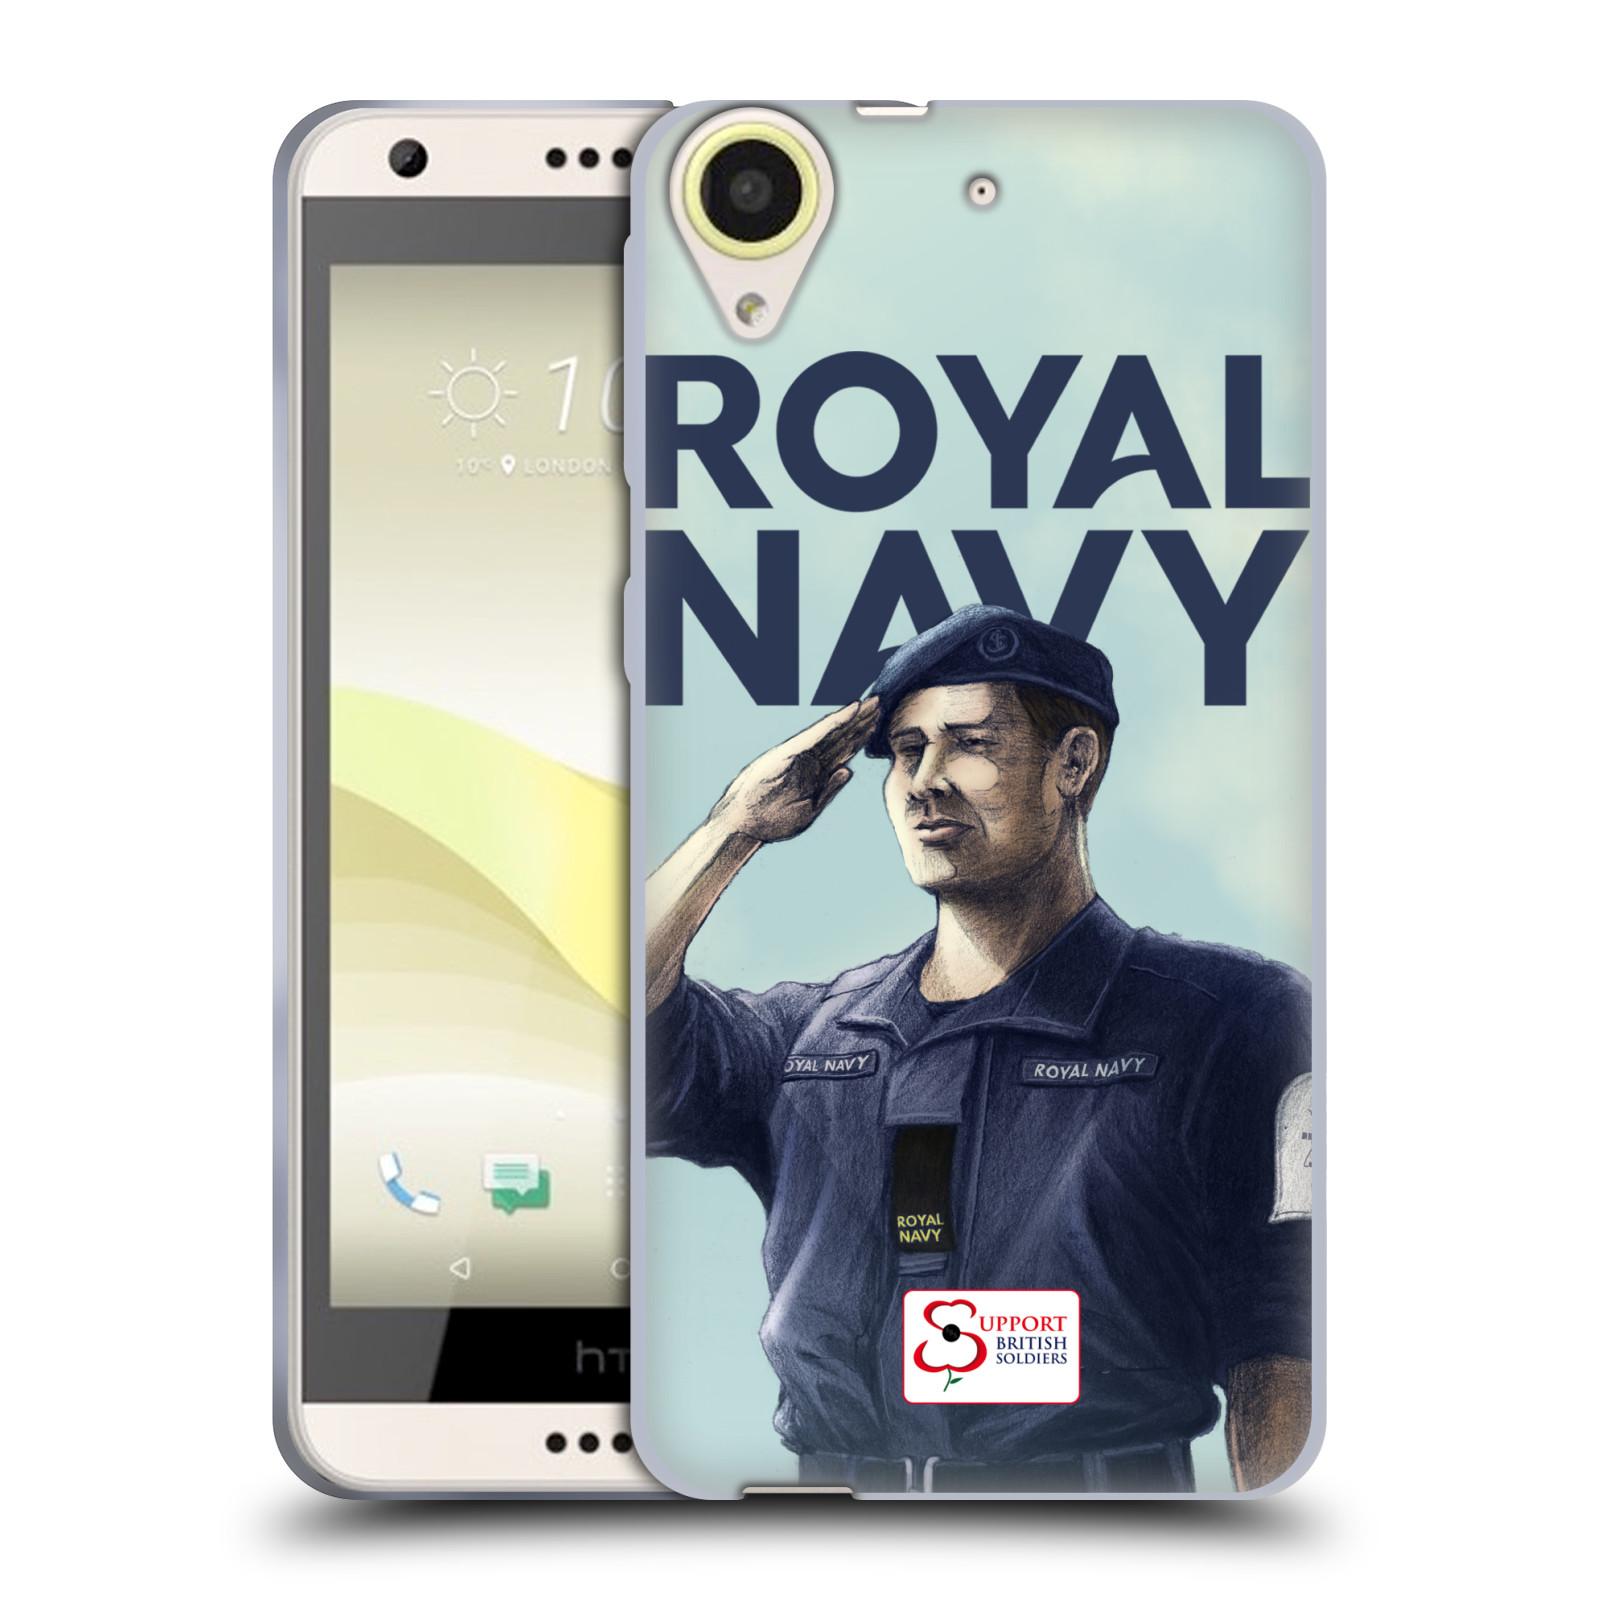 Silikonové pouzdro na mobil HTC Desire 650 HEAD CASE ROYAL NAVY (Silikonový kryt či obal na mobilní telefon HTC Desire 650)